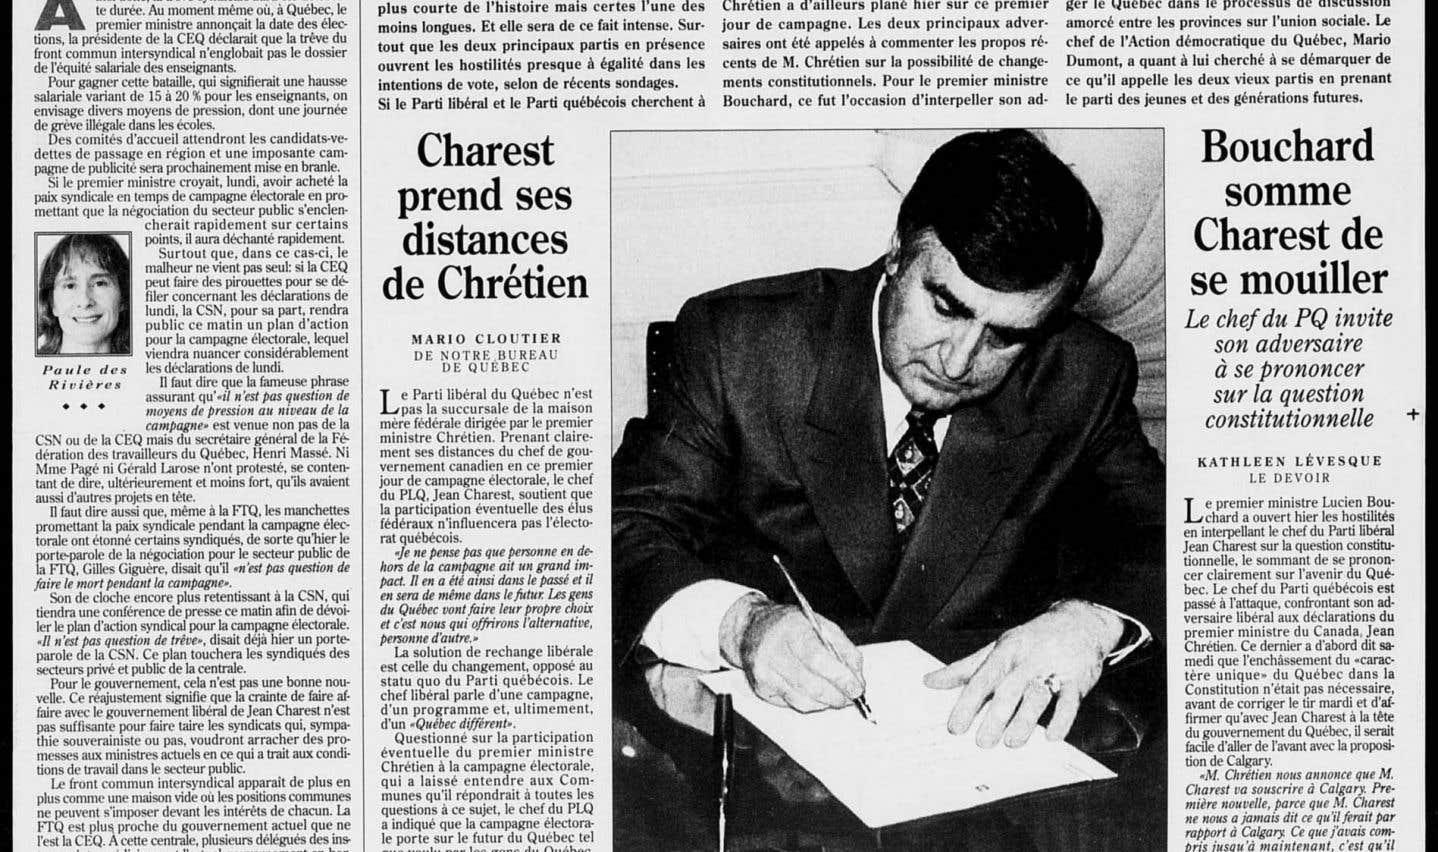 La une du «Devoir» du 29 octobre 1998